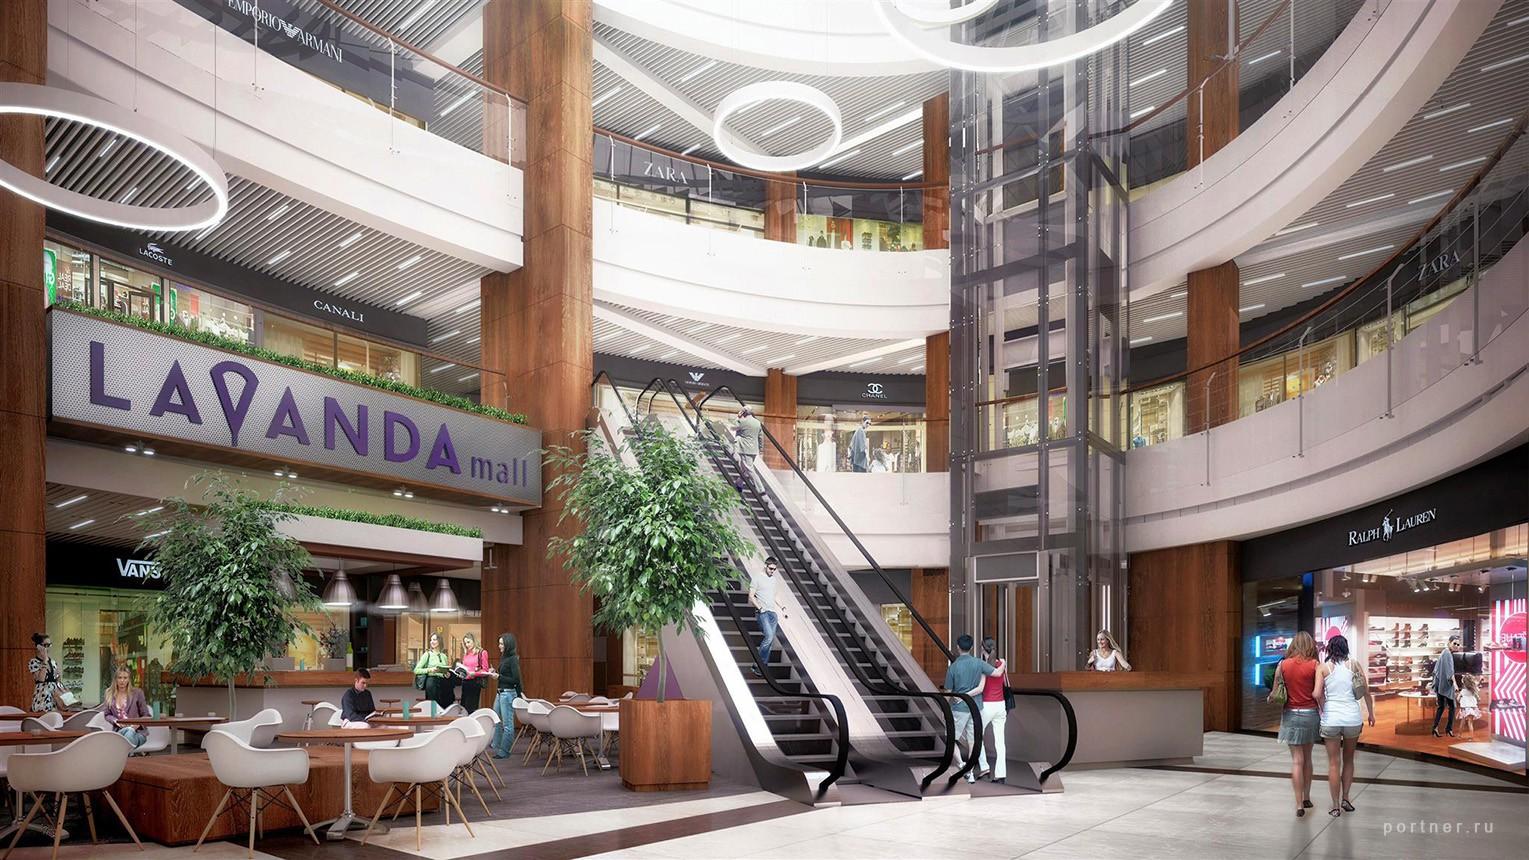 «Скоро открытие!»: в Сети появились новые фотографии торгового центра «Lavanda Mall»